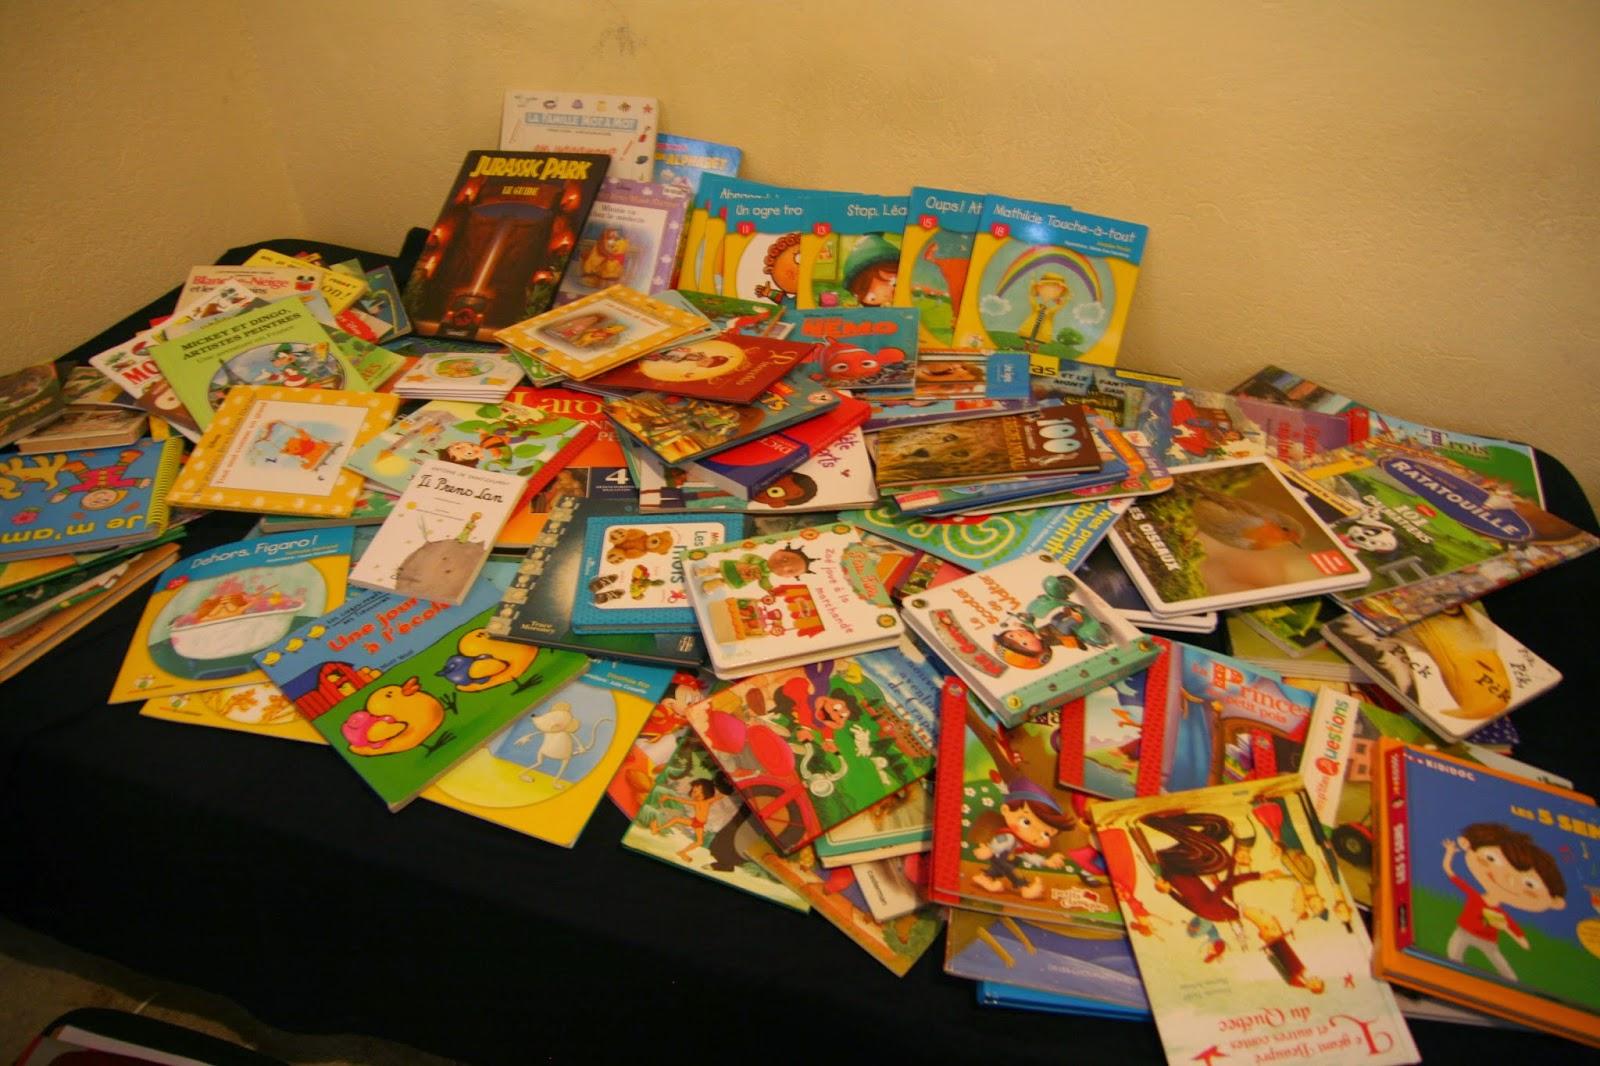 Timoun yo ayiti comment construire une biblioth que pas - Comment fabriquer une bibliotheque ...